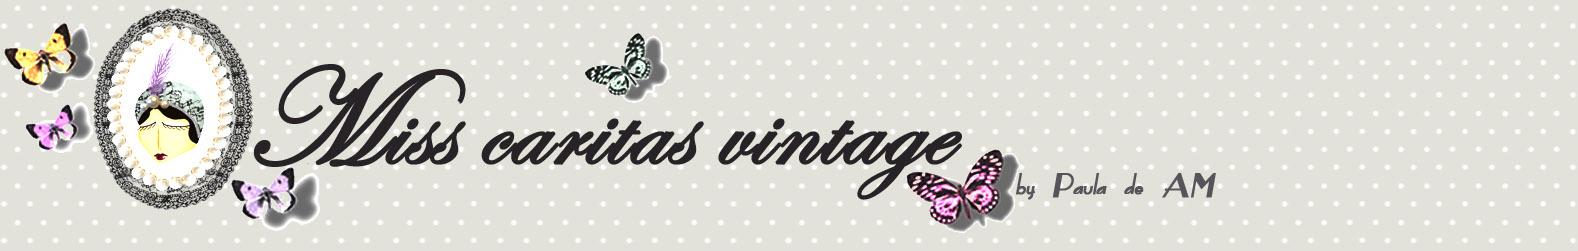 Miss caritas vintage